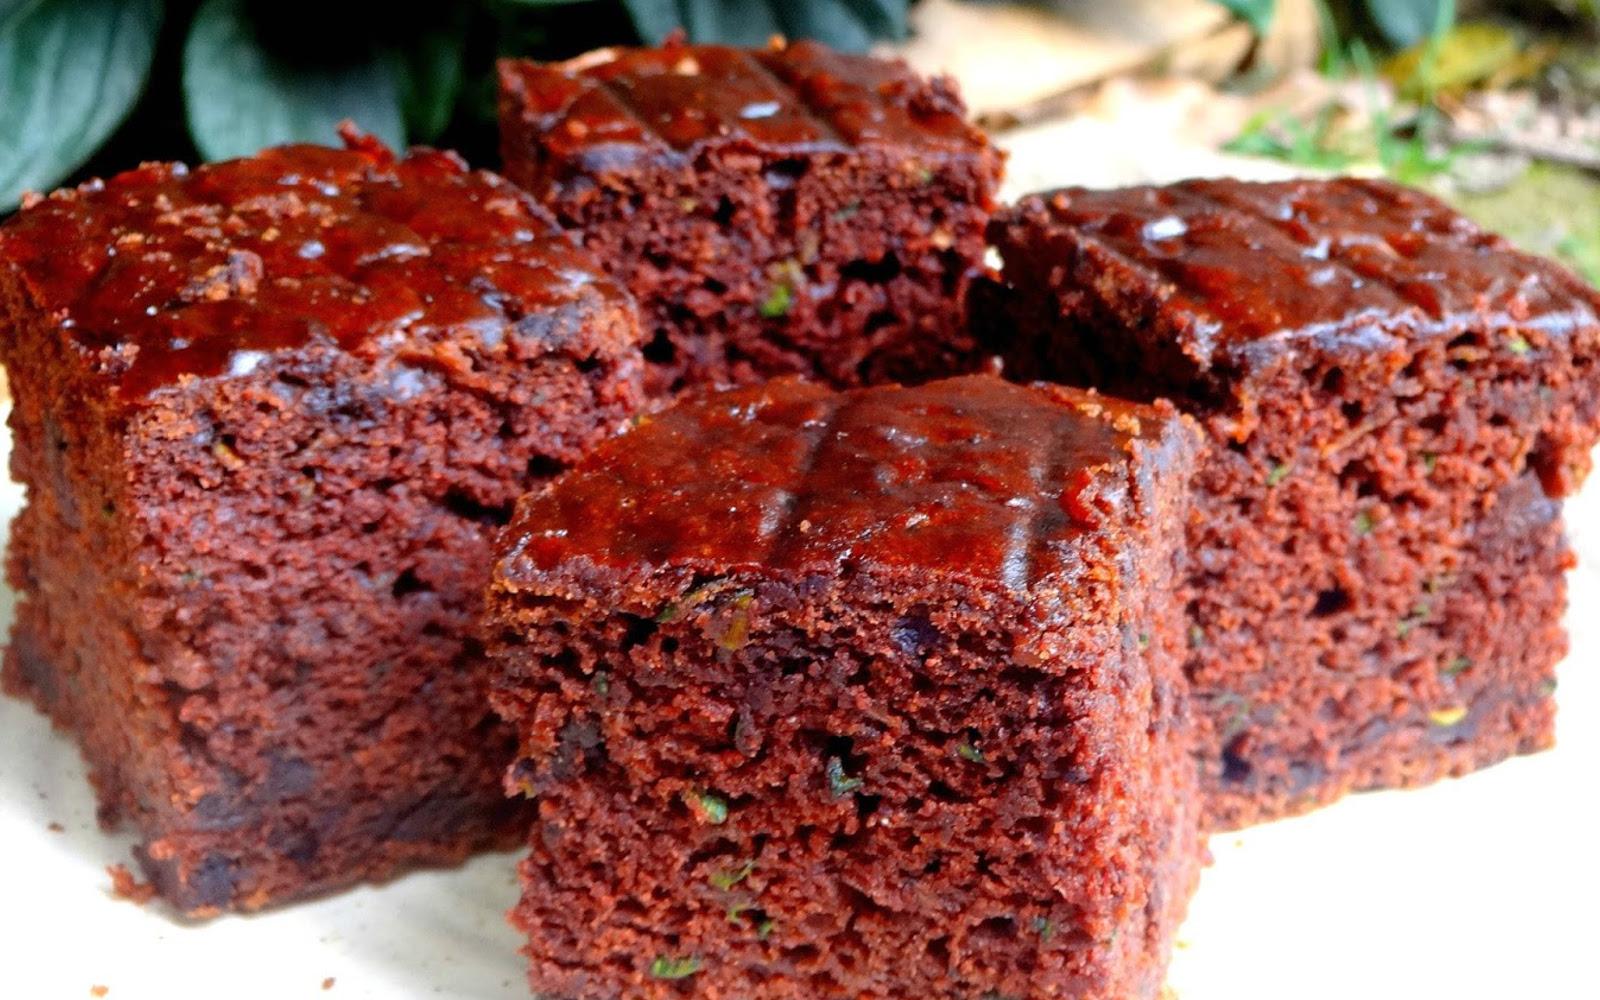 Vegan Low-Fat Wholegrain Zucchini Chocolate Brownies